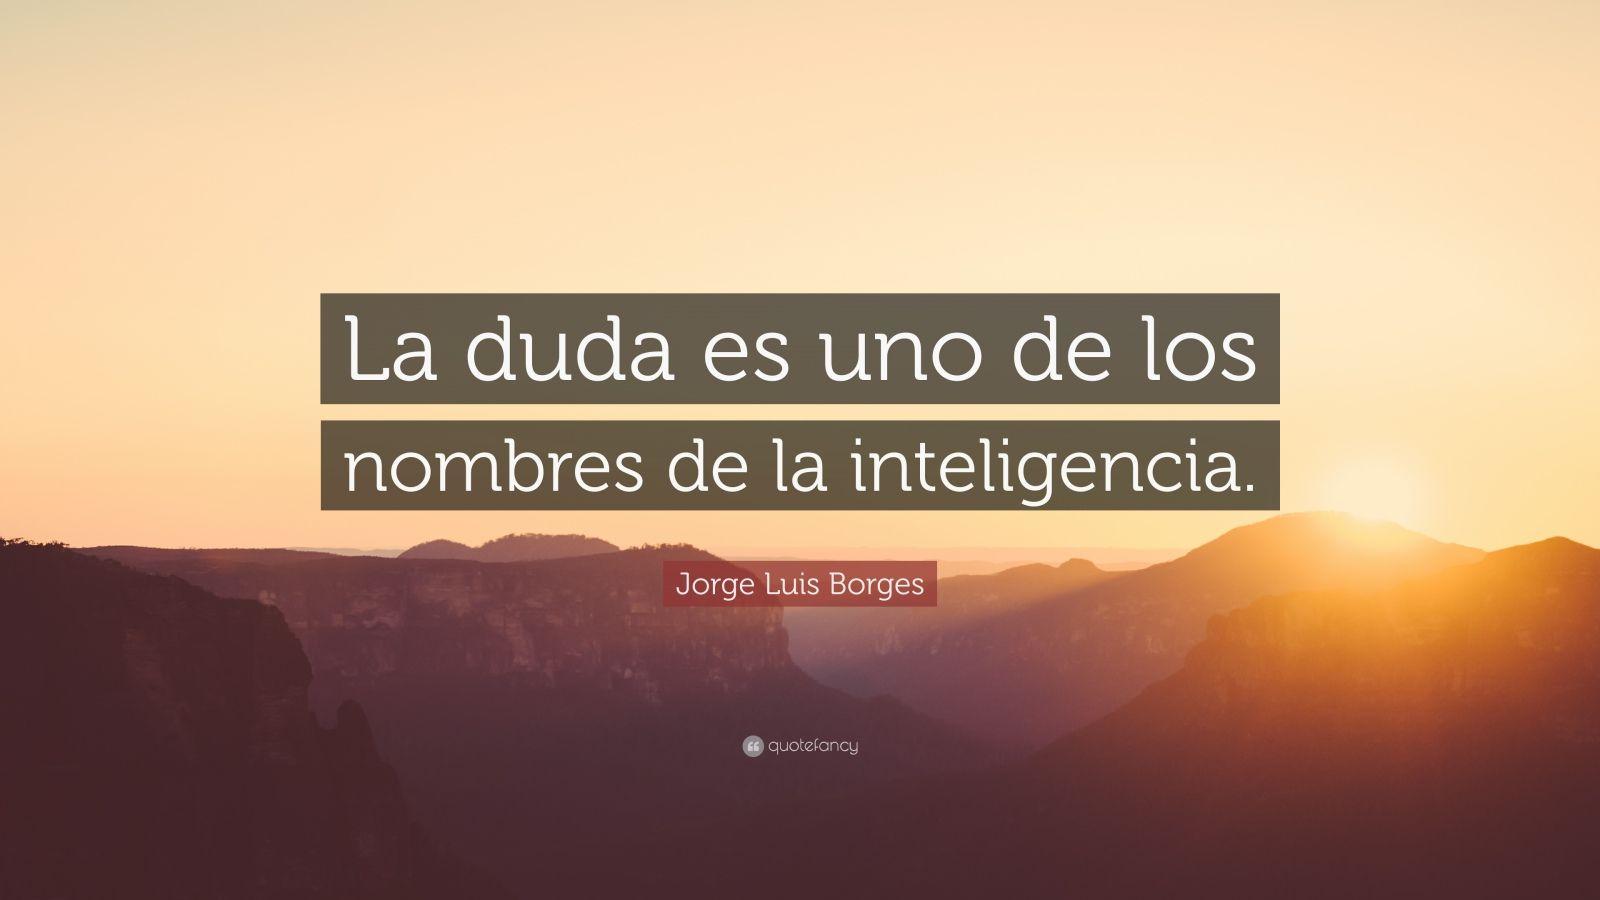 """Jorge Luis Borges Quote: """"La duda es uno de los nombres de la inteligencia."""""""